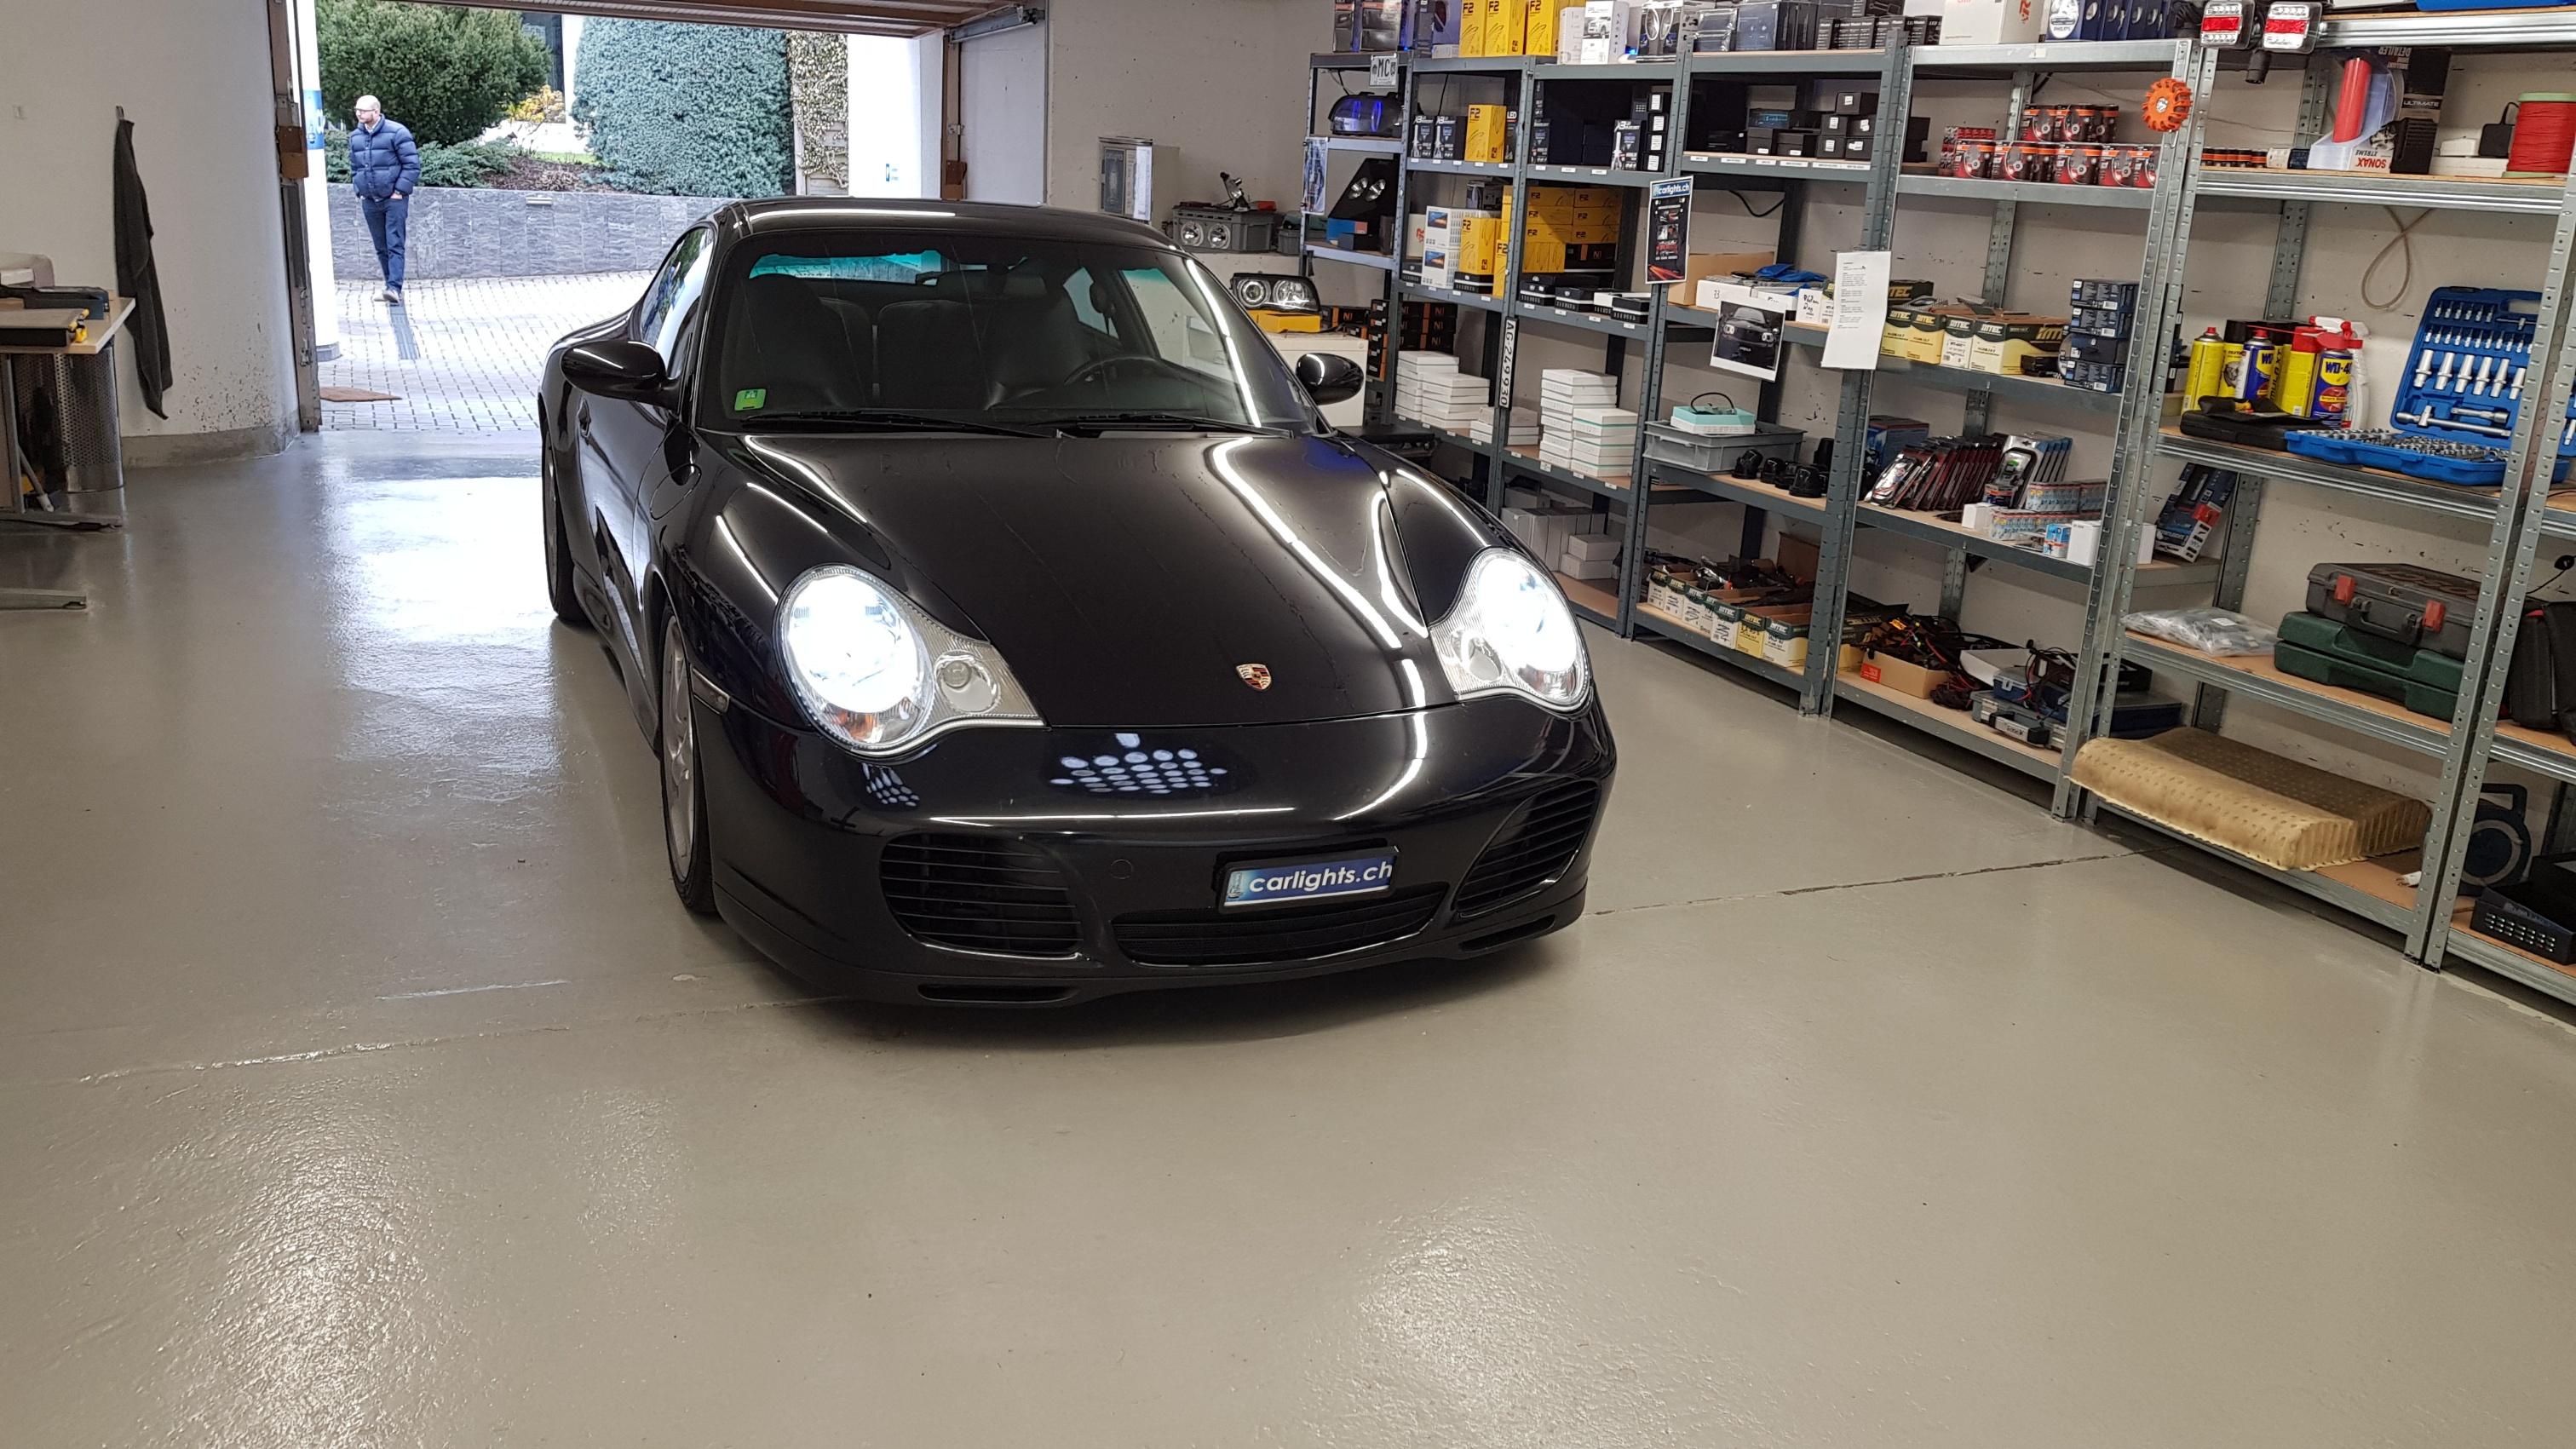 PORSCHE  911 CARRERA 4S LED Umbau abblendlicht ED H7 Philips X-Treme Ultinon 200% mehr Licht Standlicht LED Swiss Made